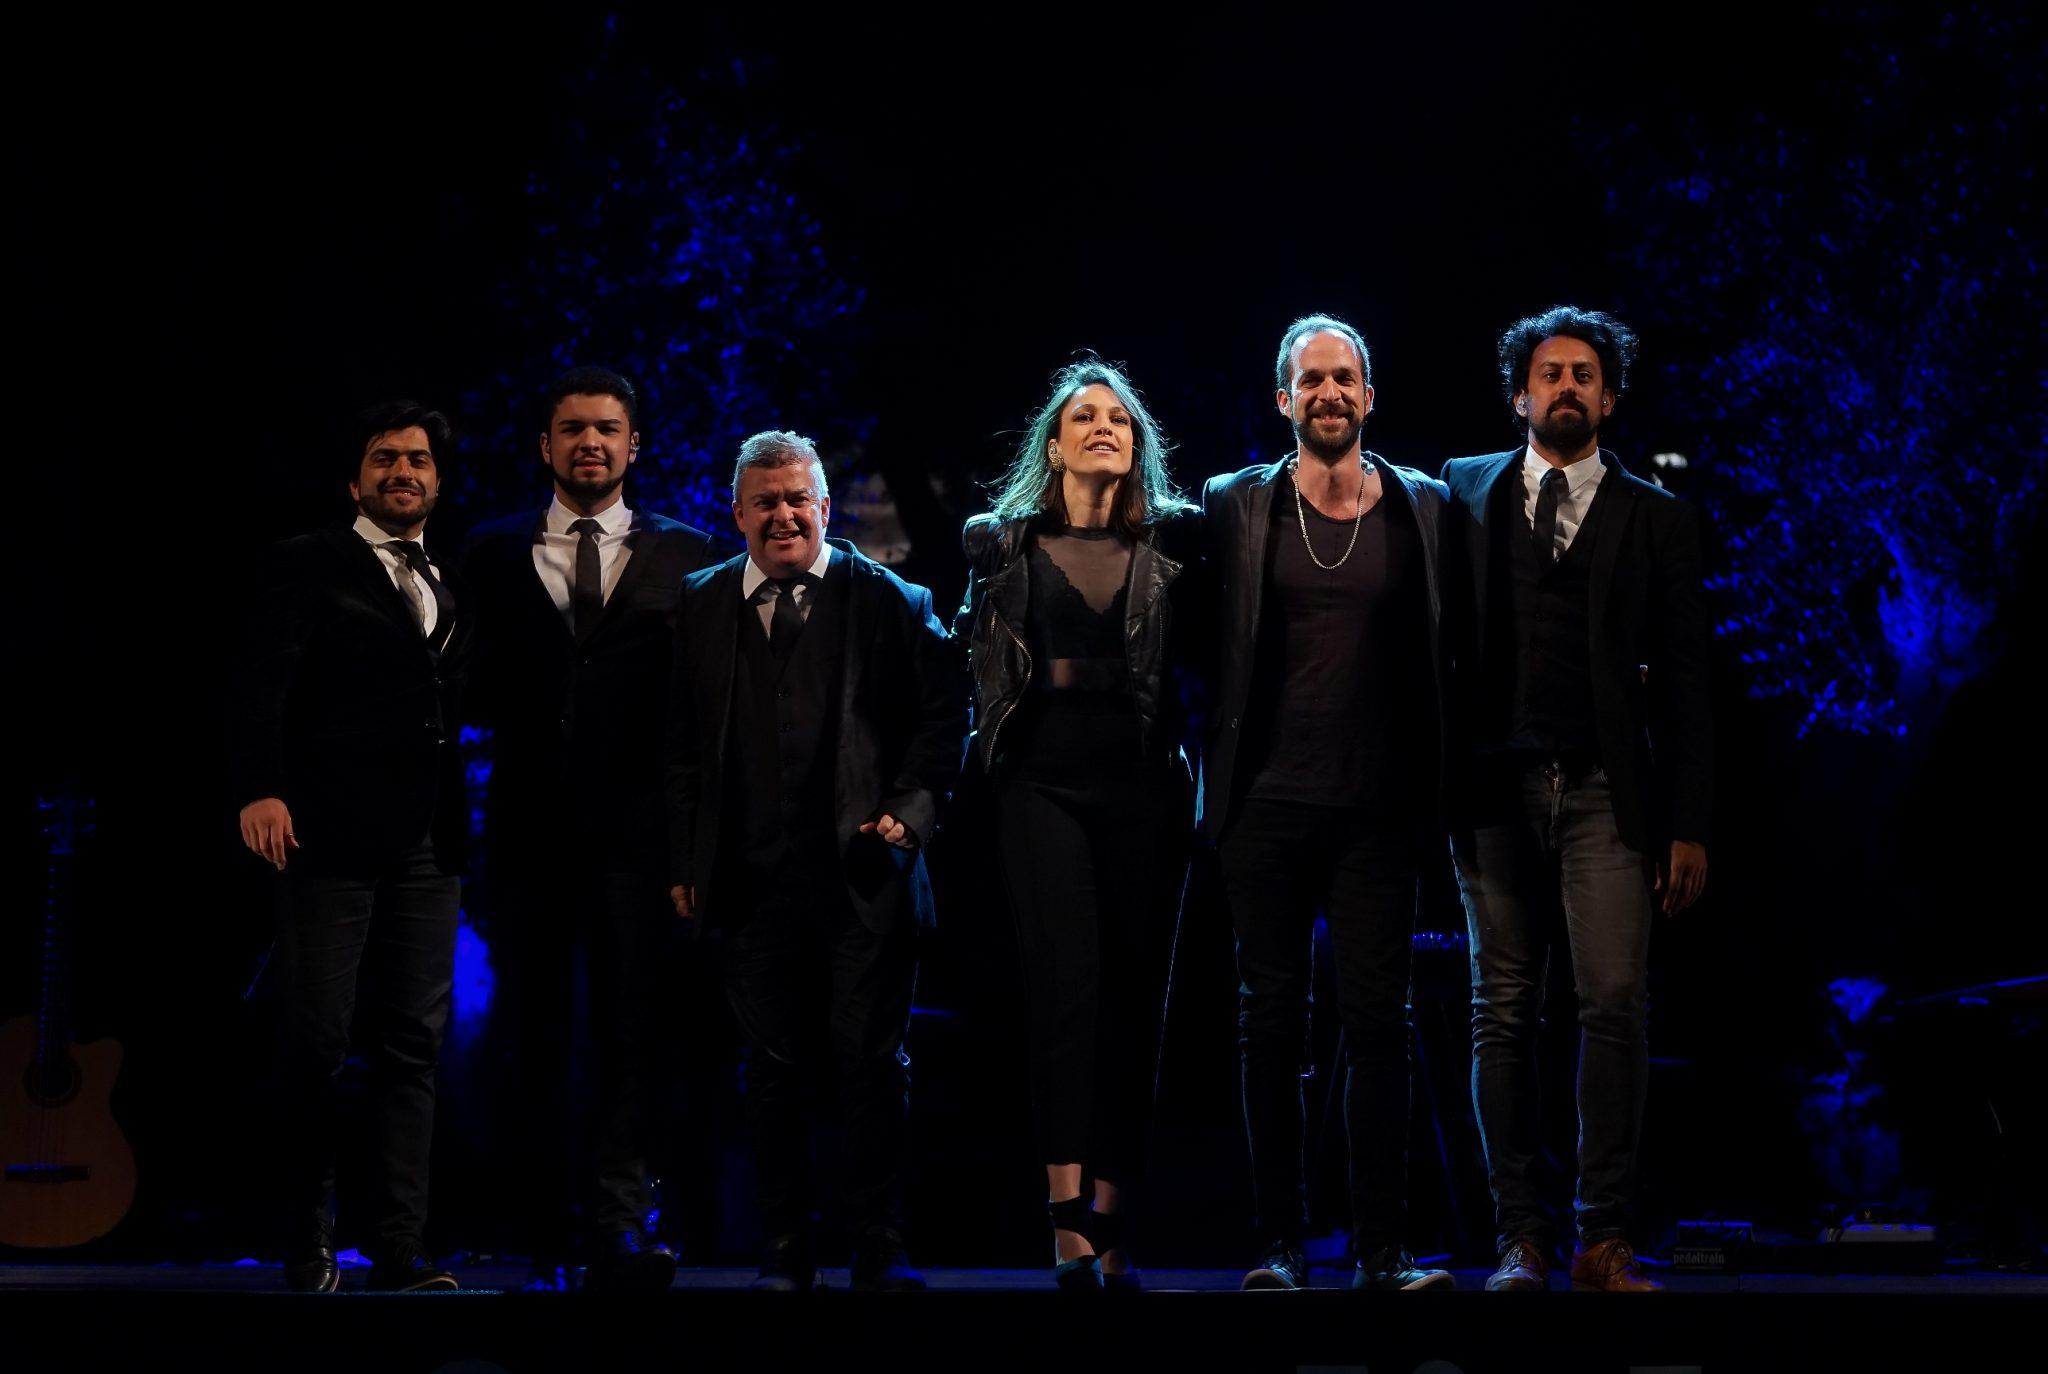 Carminho e os músicos abraçados a agradecer os aplausos no final do concerto